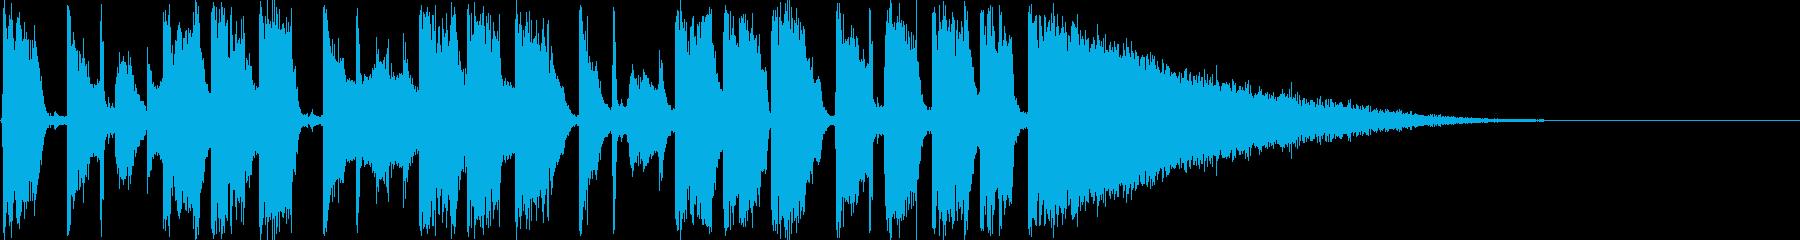 都会的でオシャレなラジオ系ジングルの再生済みの波形